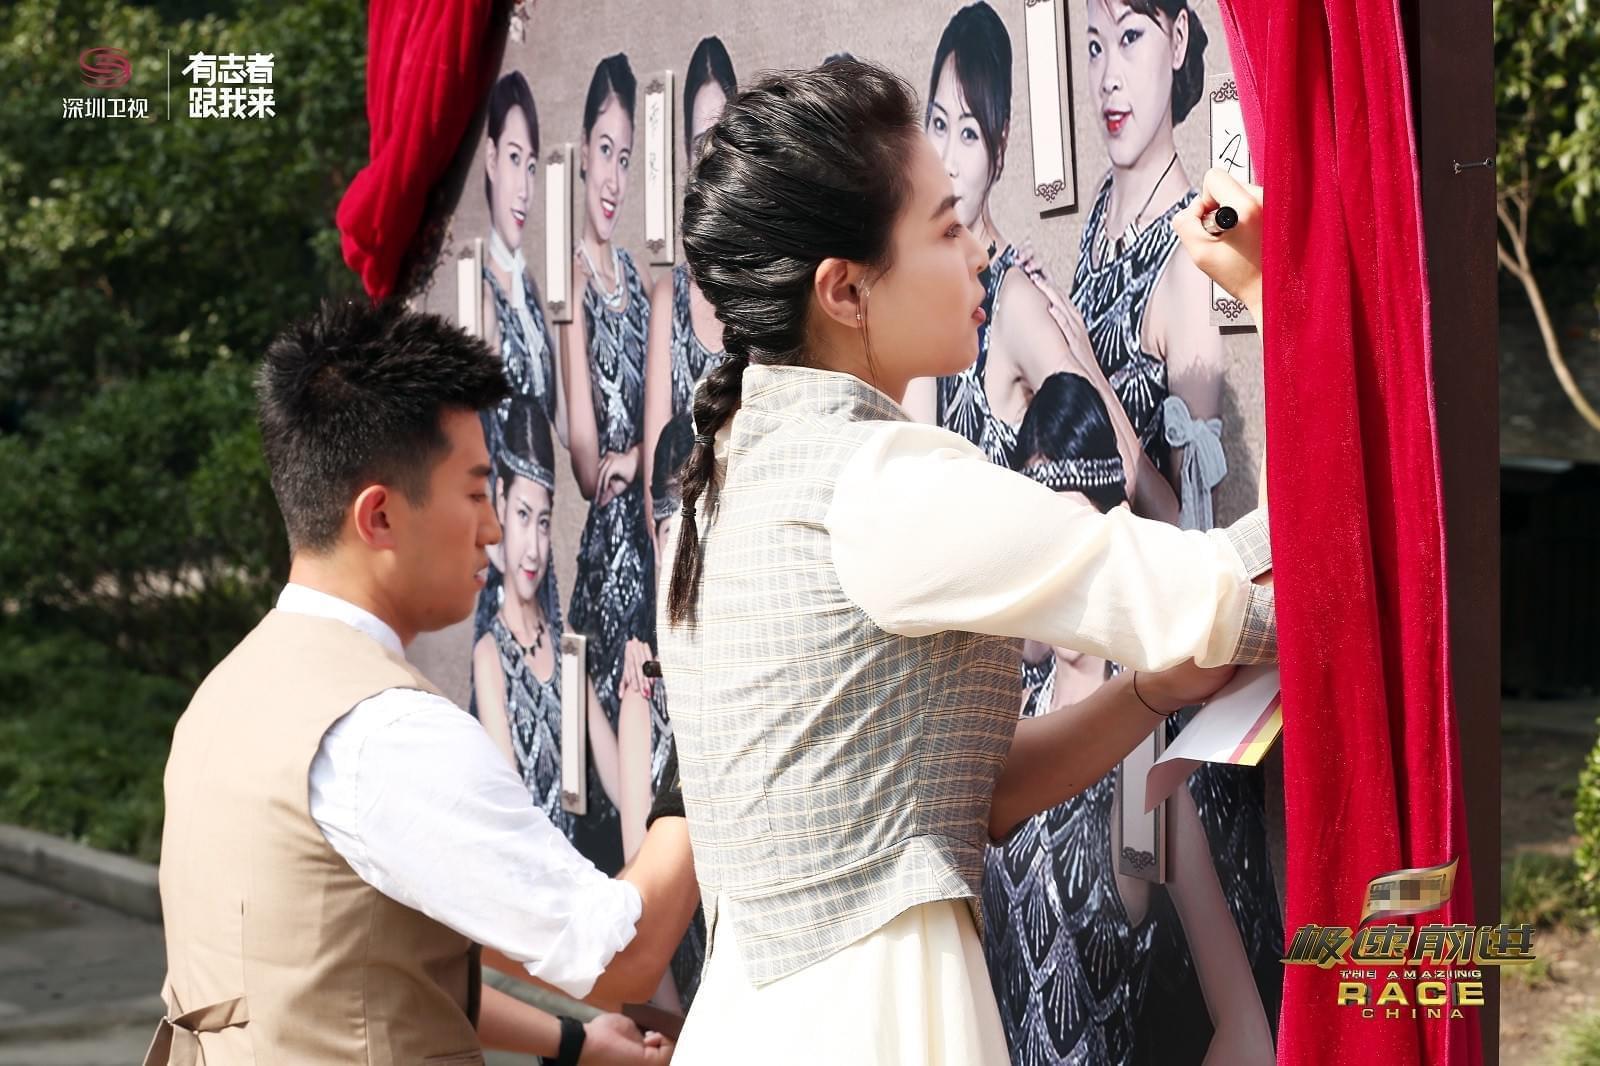 《极速4》吴敏霞上海主场向冠军发起冲刺